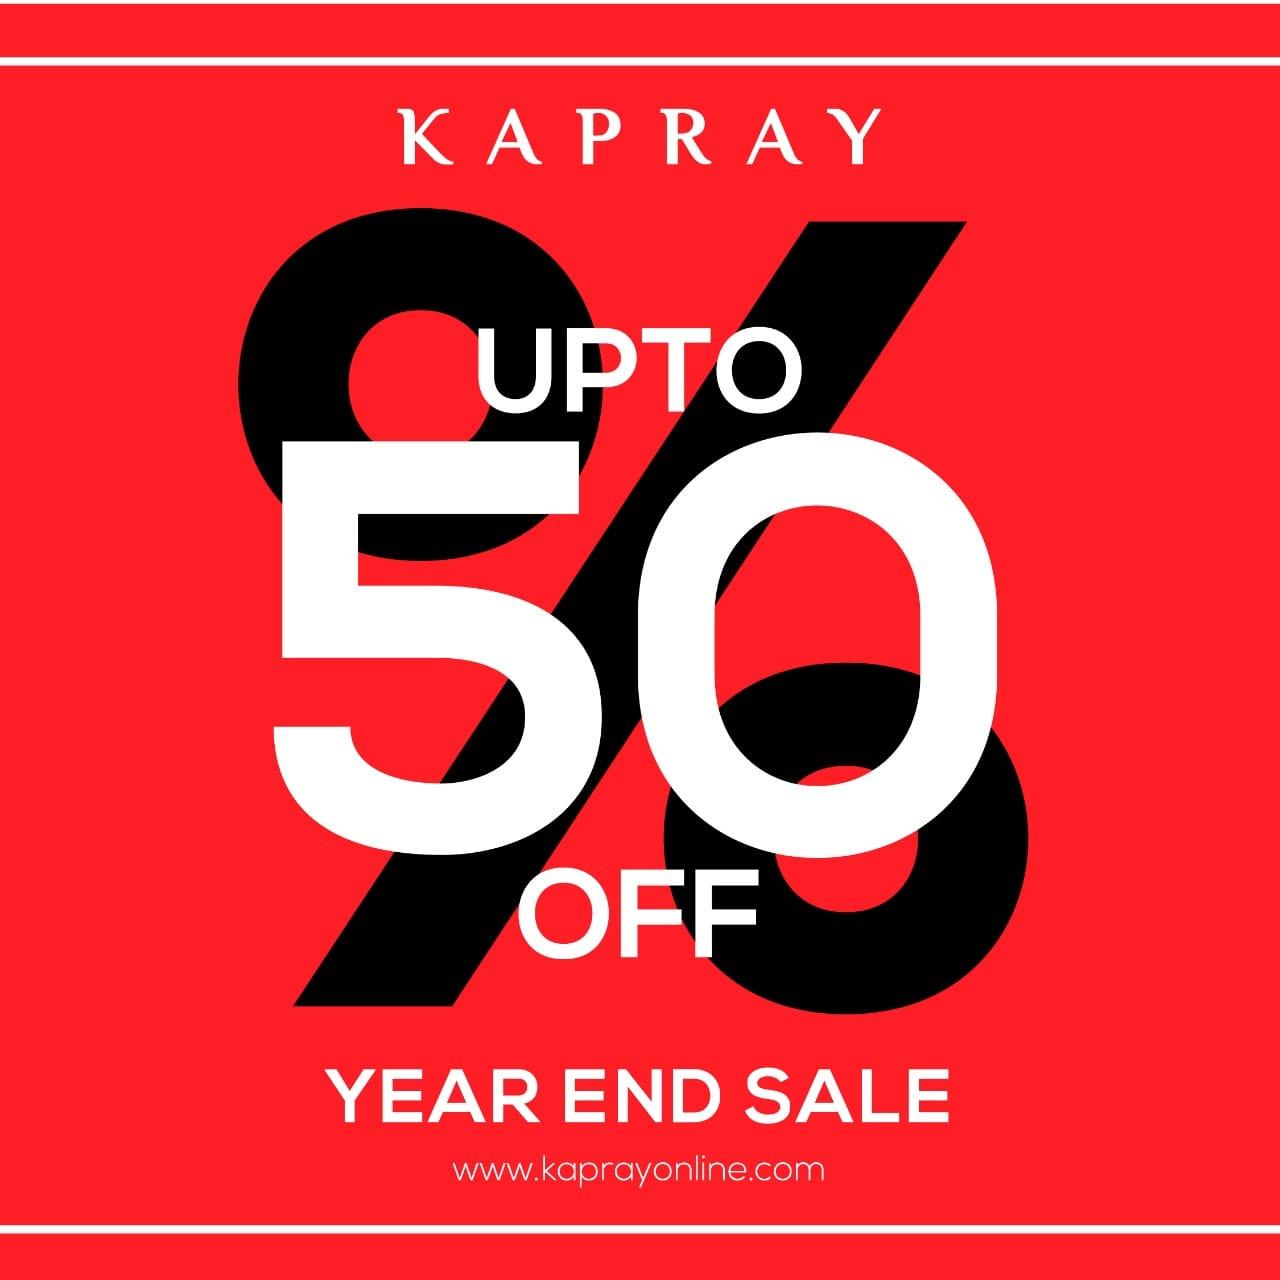 Kapray - Year End Sale